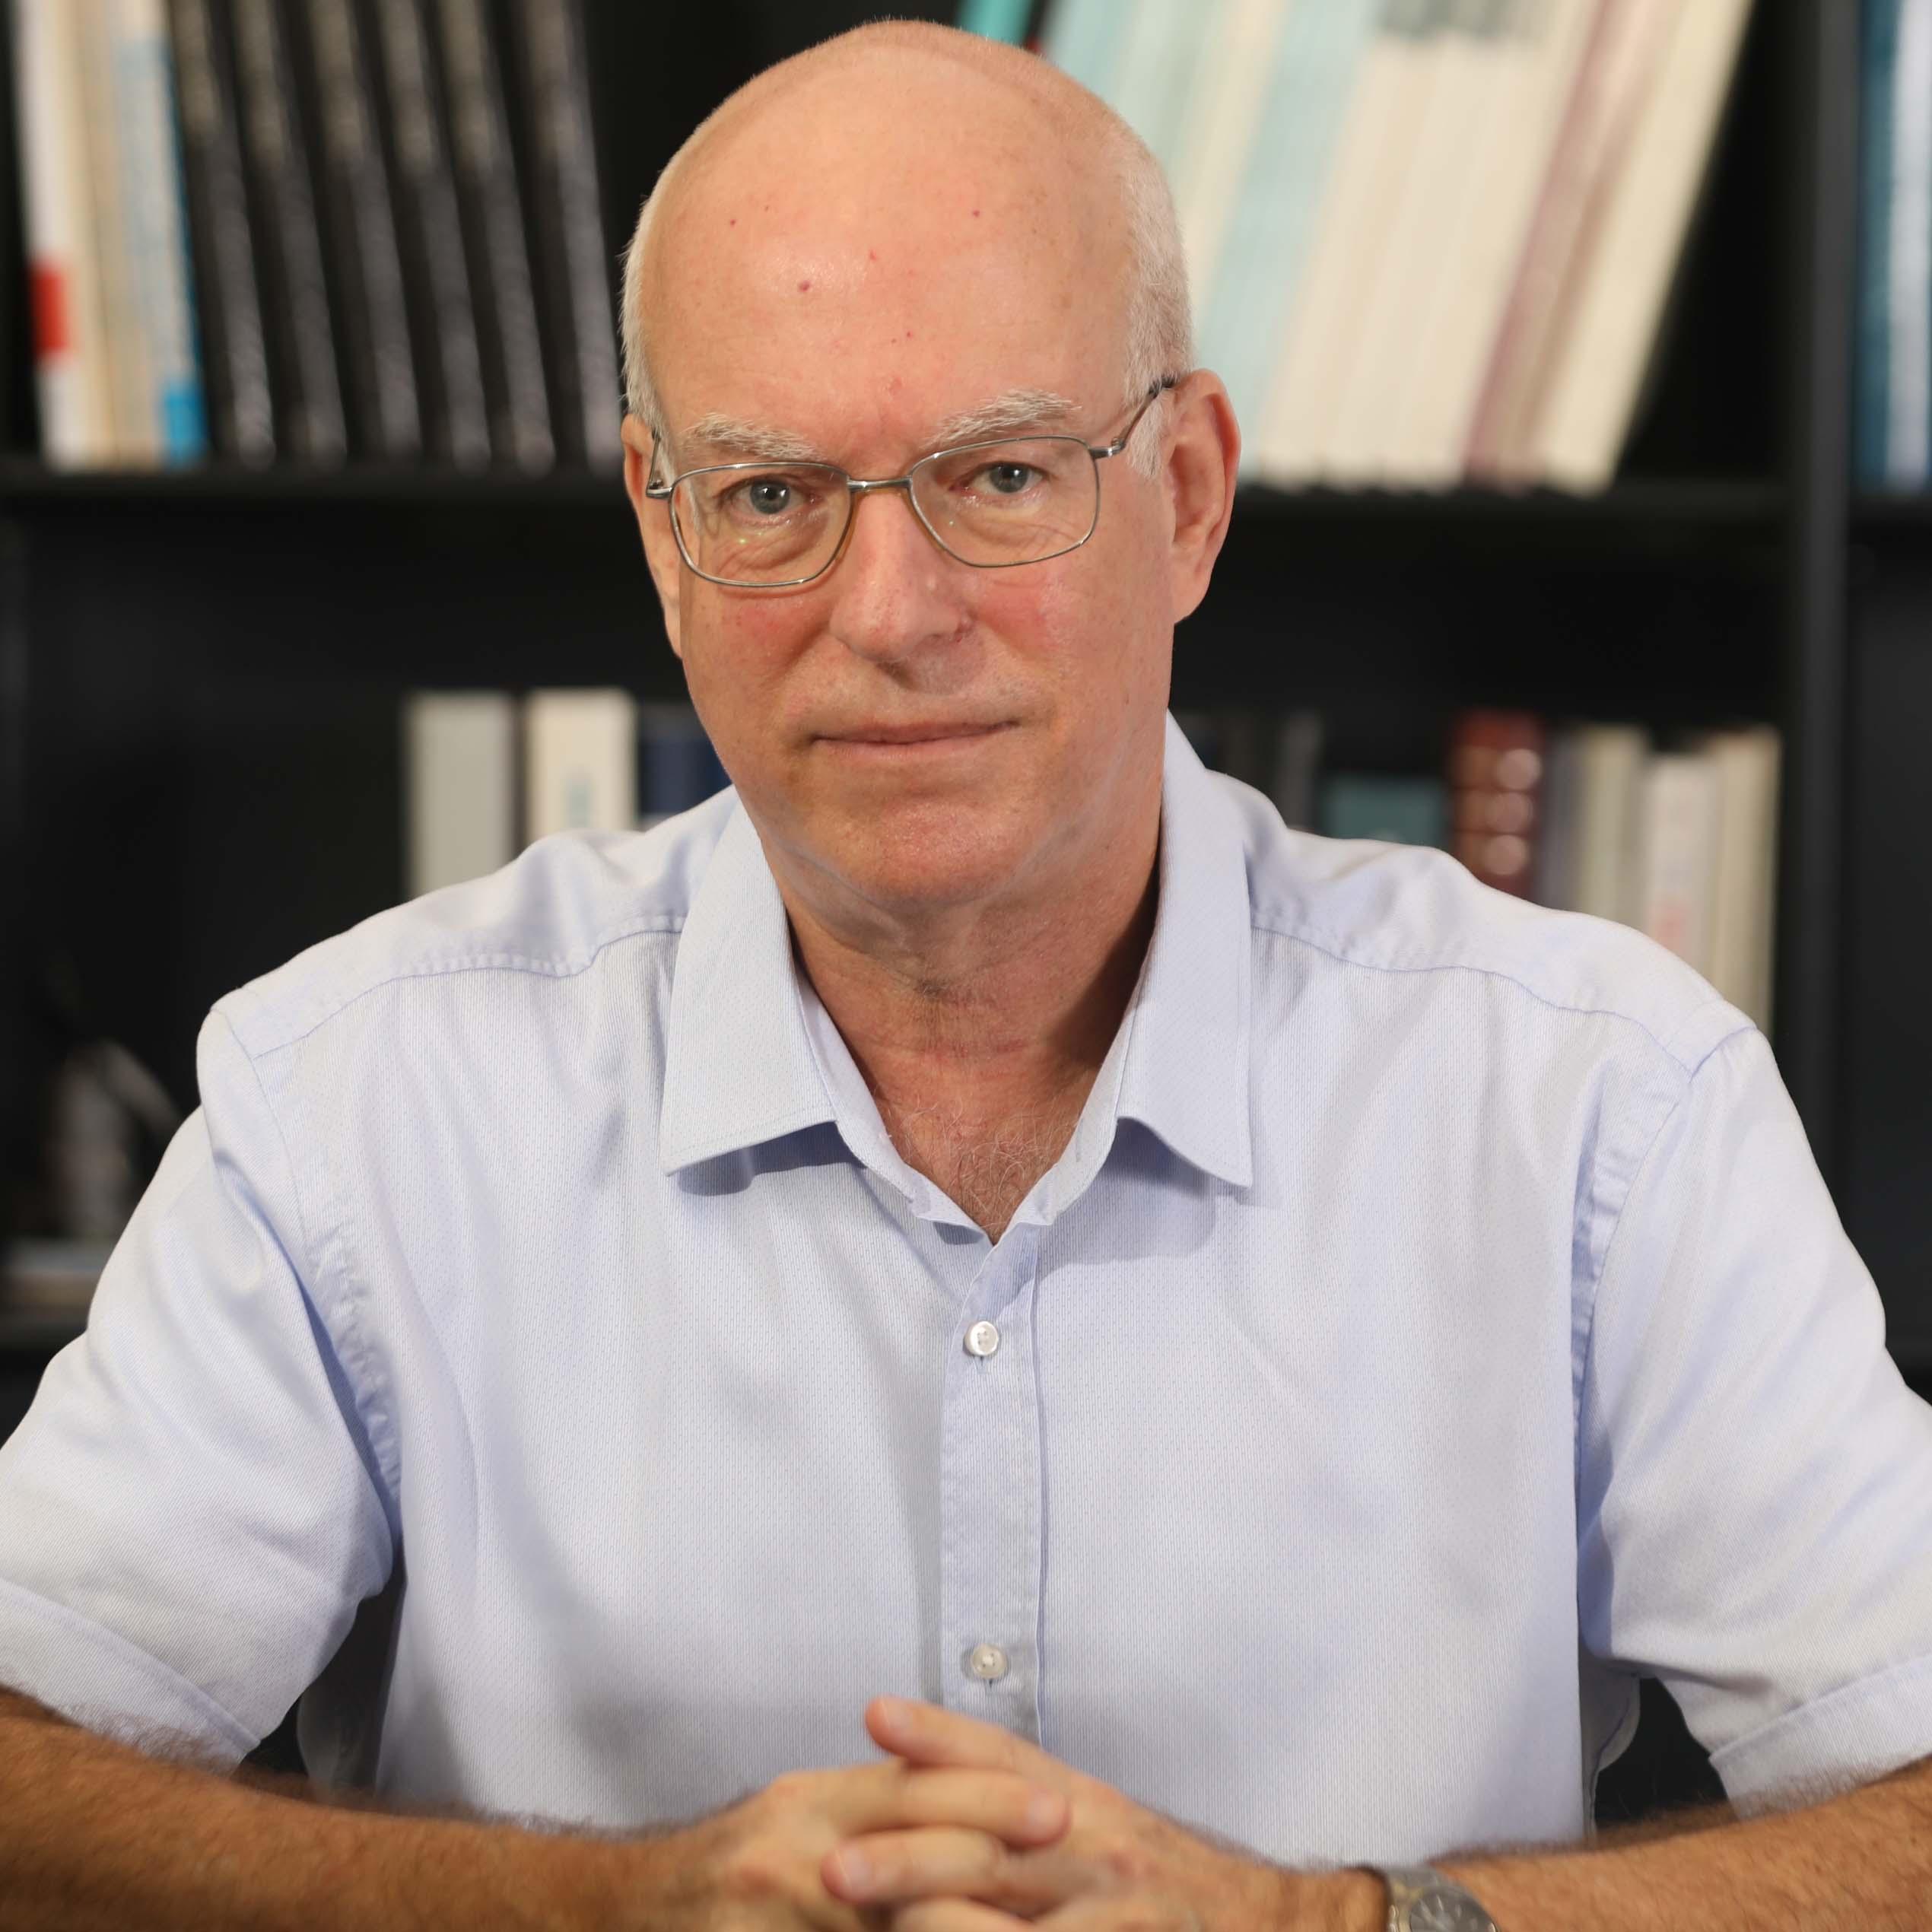 פרופ' אריאל פורת זכה בפרס מפעל חיים של האגודה האירופאית למשפט וכלכלה לשנת 2020